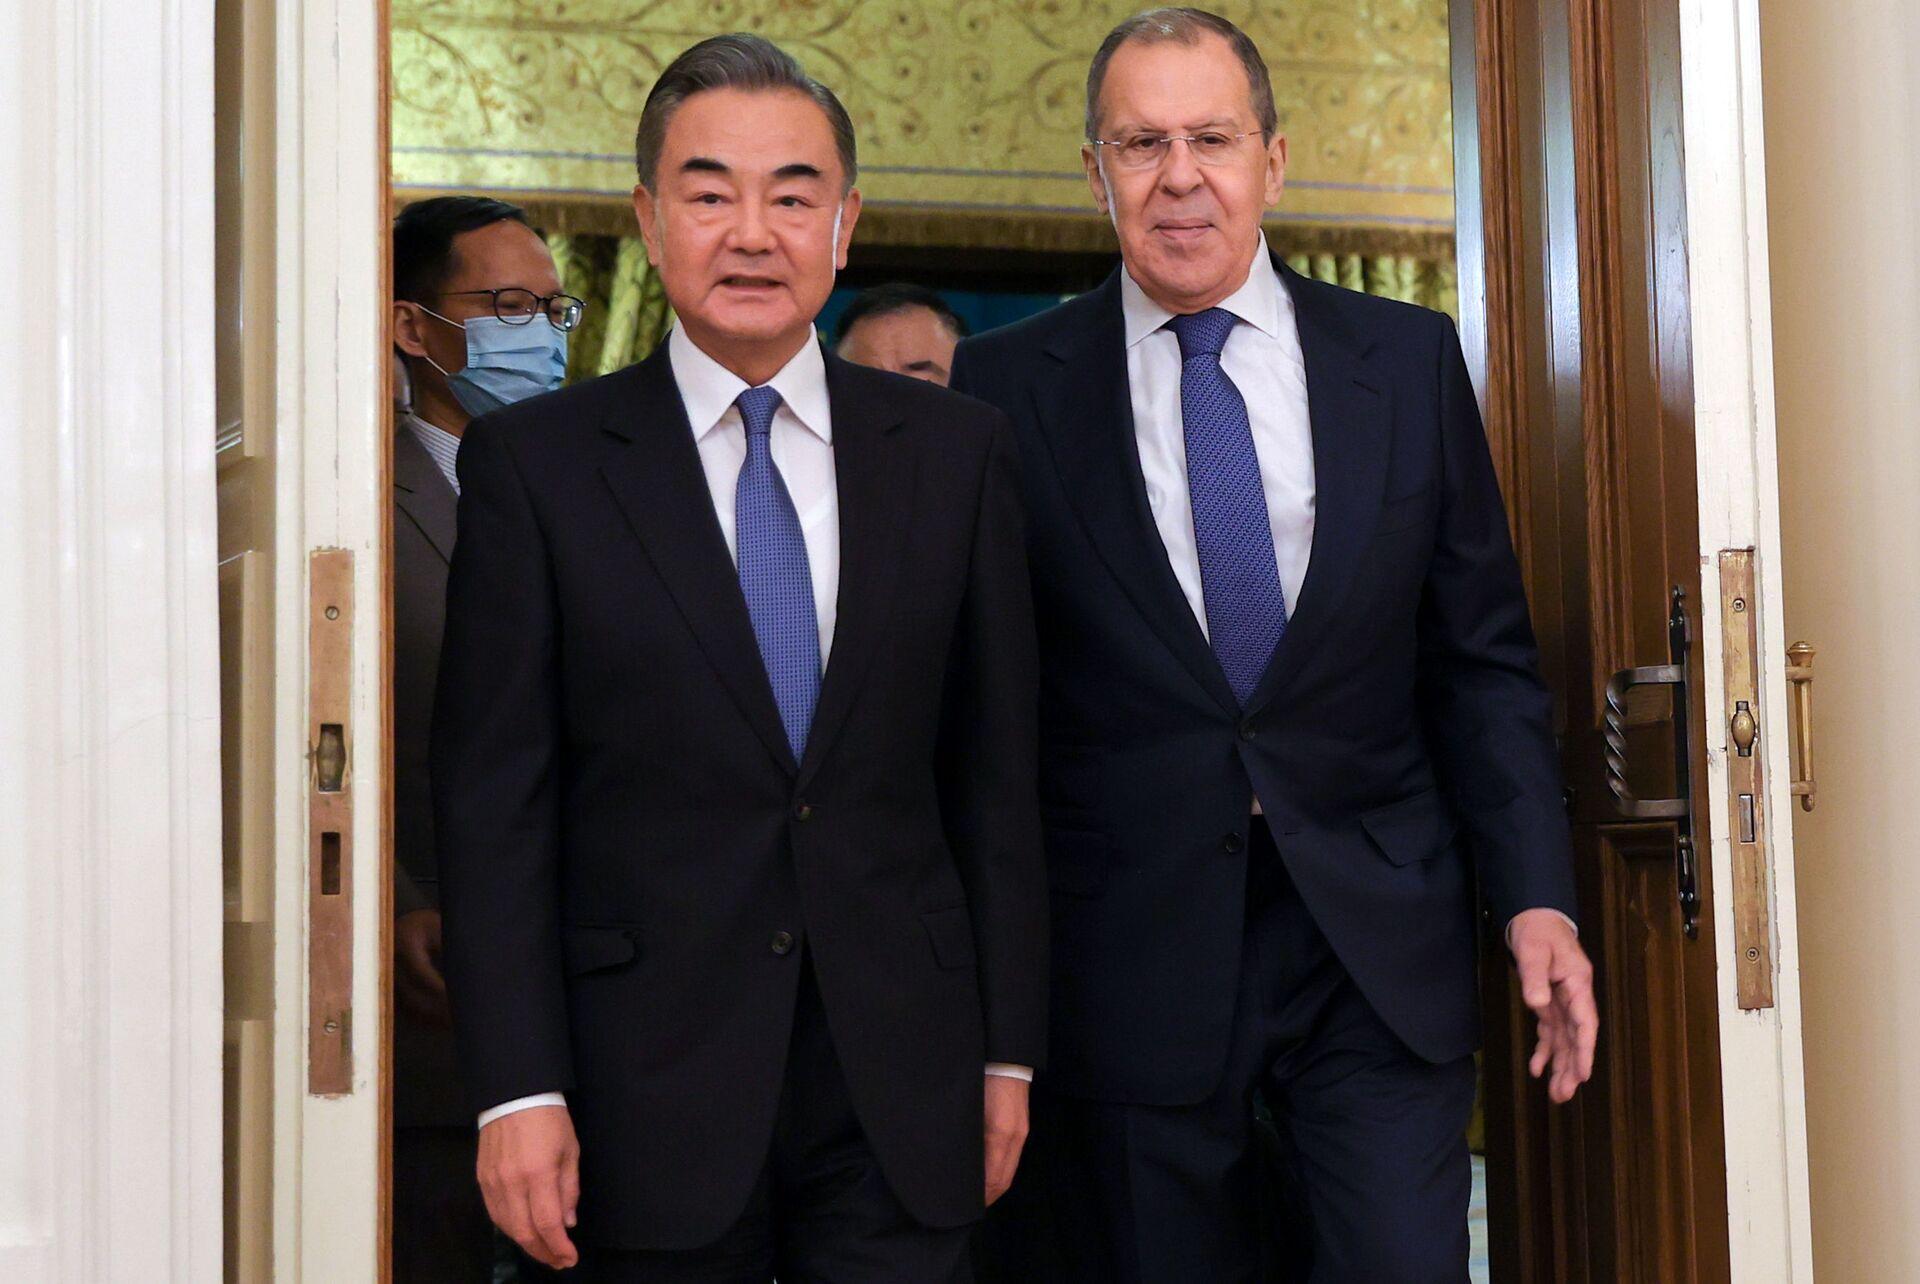 Јасна порука Пекинга: Русија и Кина против политичког вируса Запада - Sputnik Србија, 1920, 09.03.2021